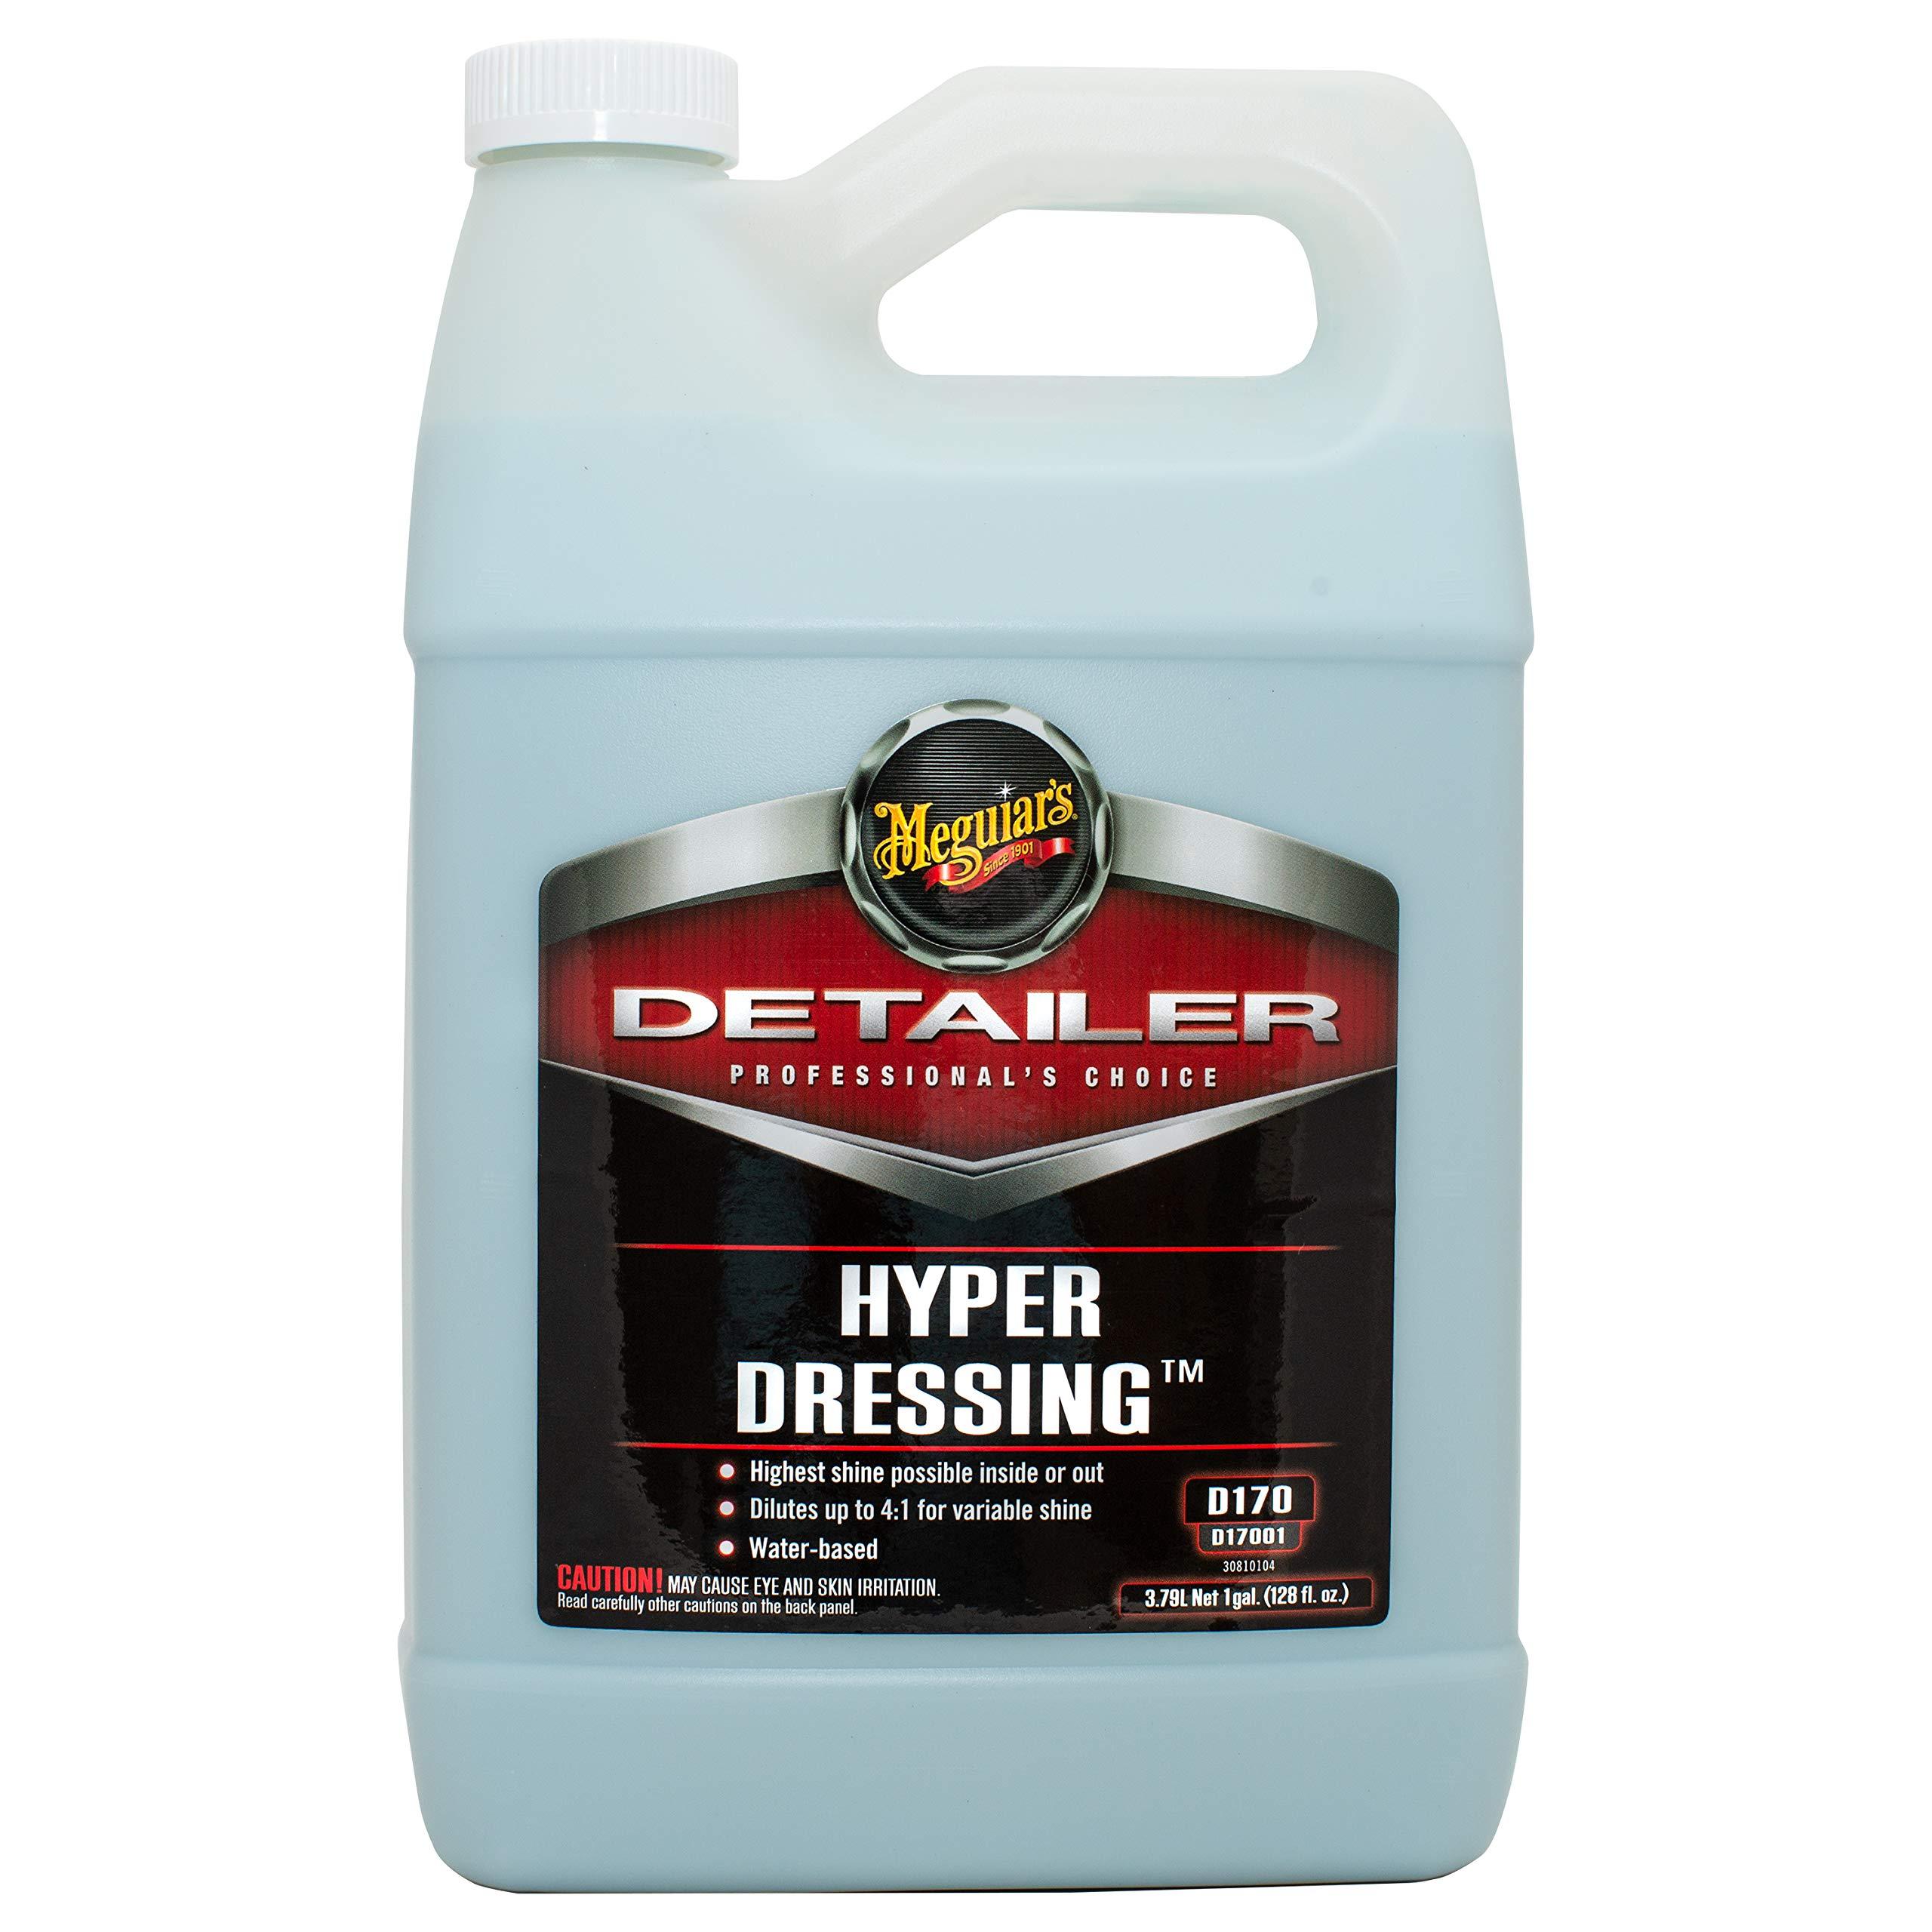 Meguiar's D17001 Hyper Dressing - 1 Gallon – Give Your Car's Trim Pieces the Best Shine & Gloss